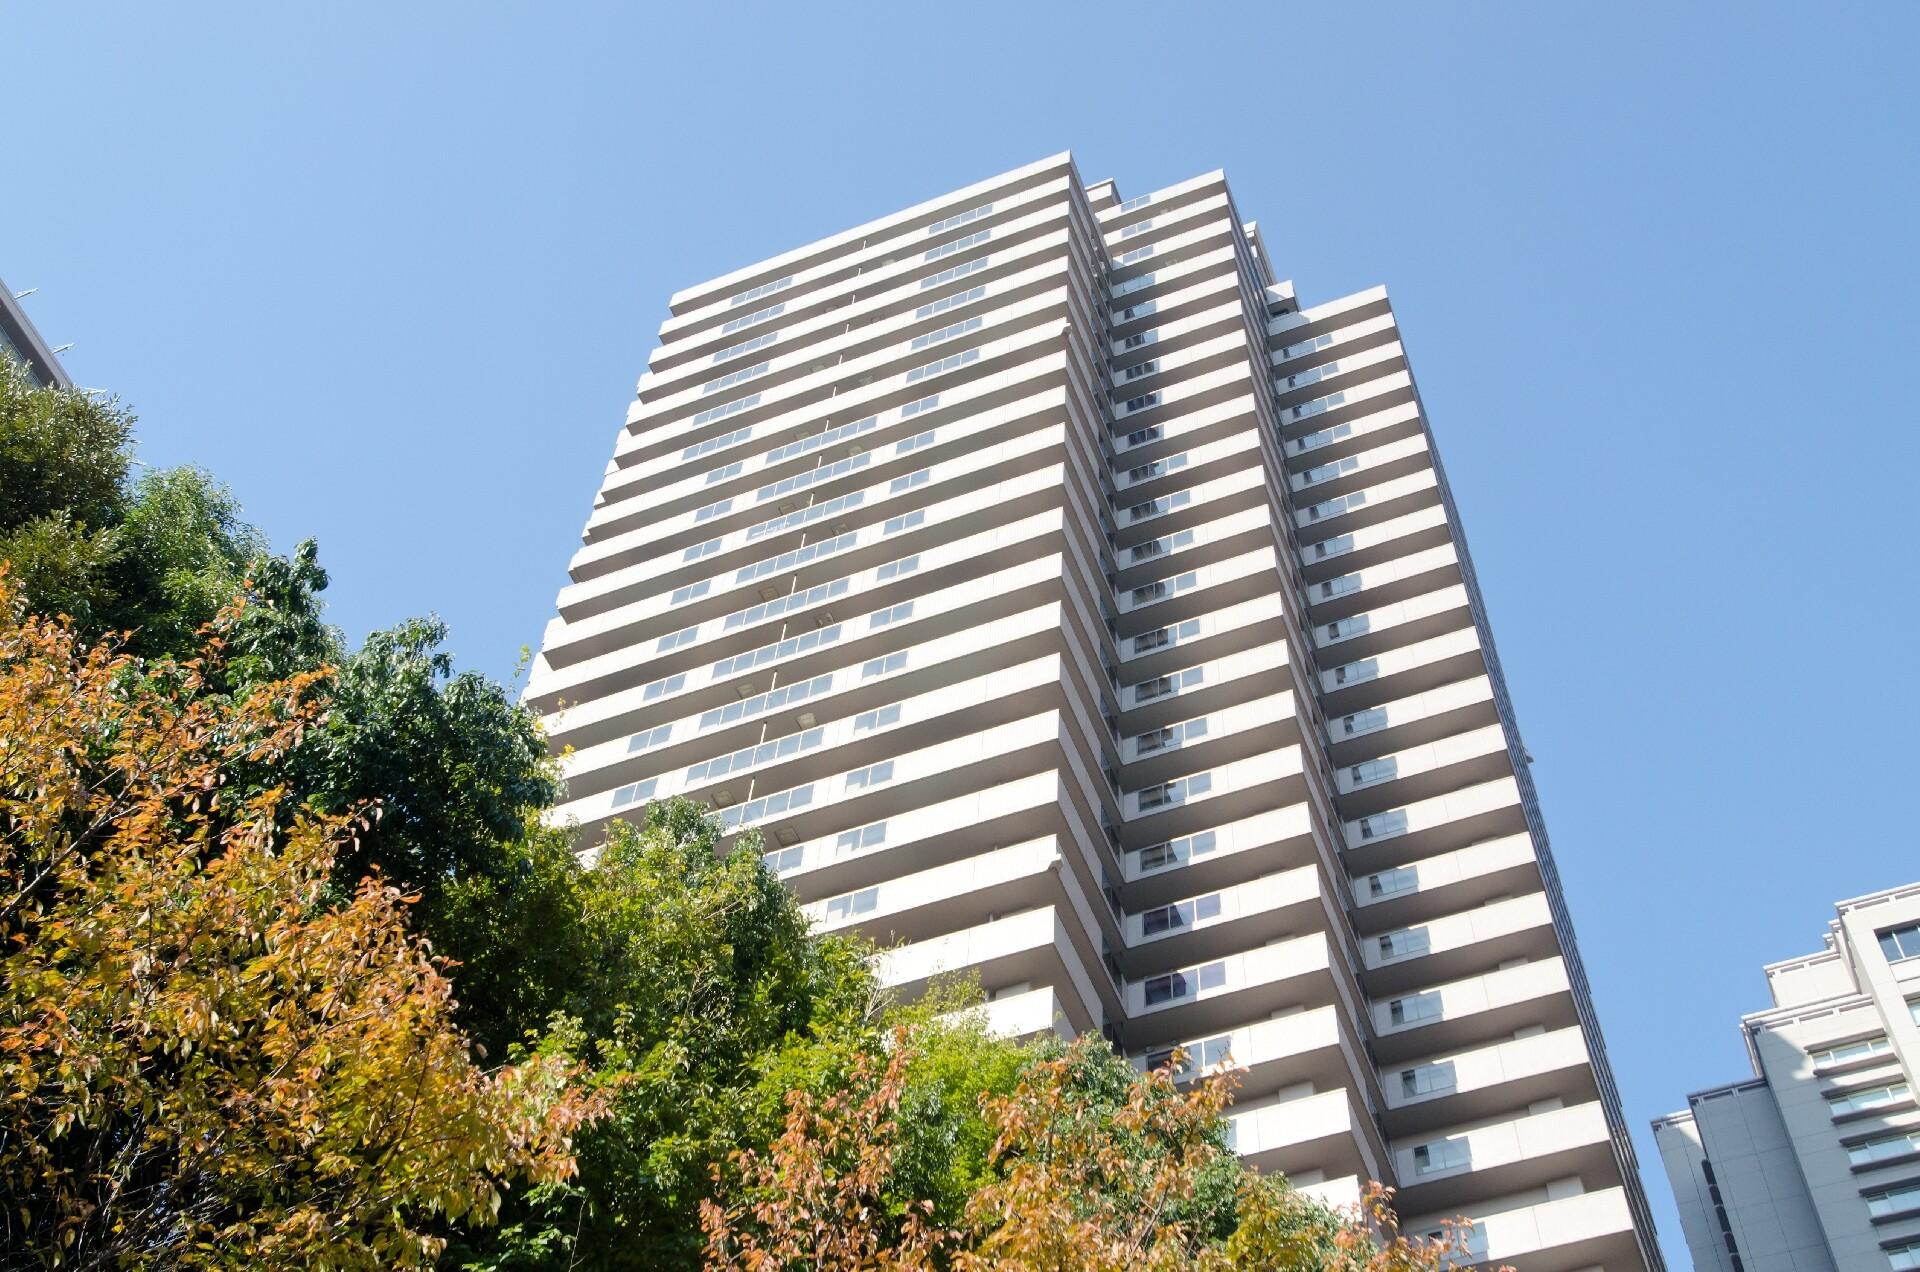 千代田区のポスティング不可である高級マンション・高層タワーマンションにもチラシ広告をお届けします